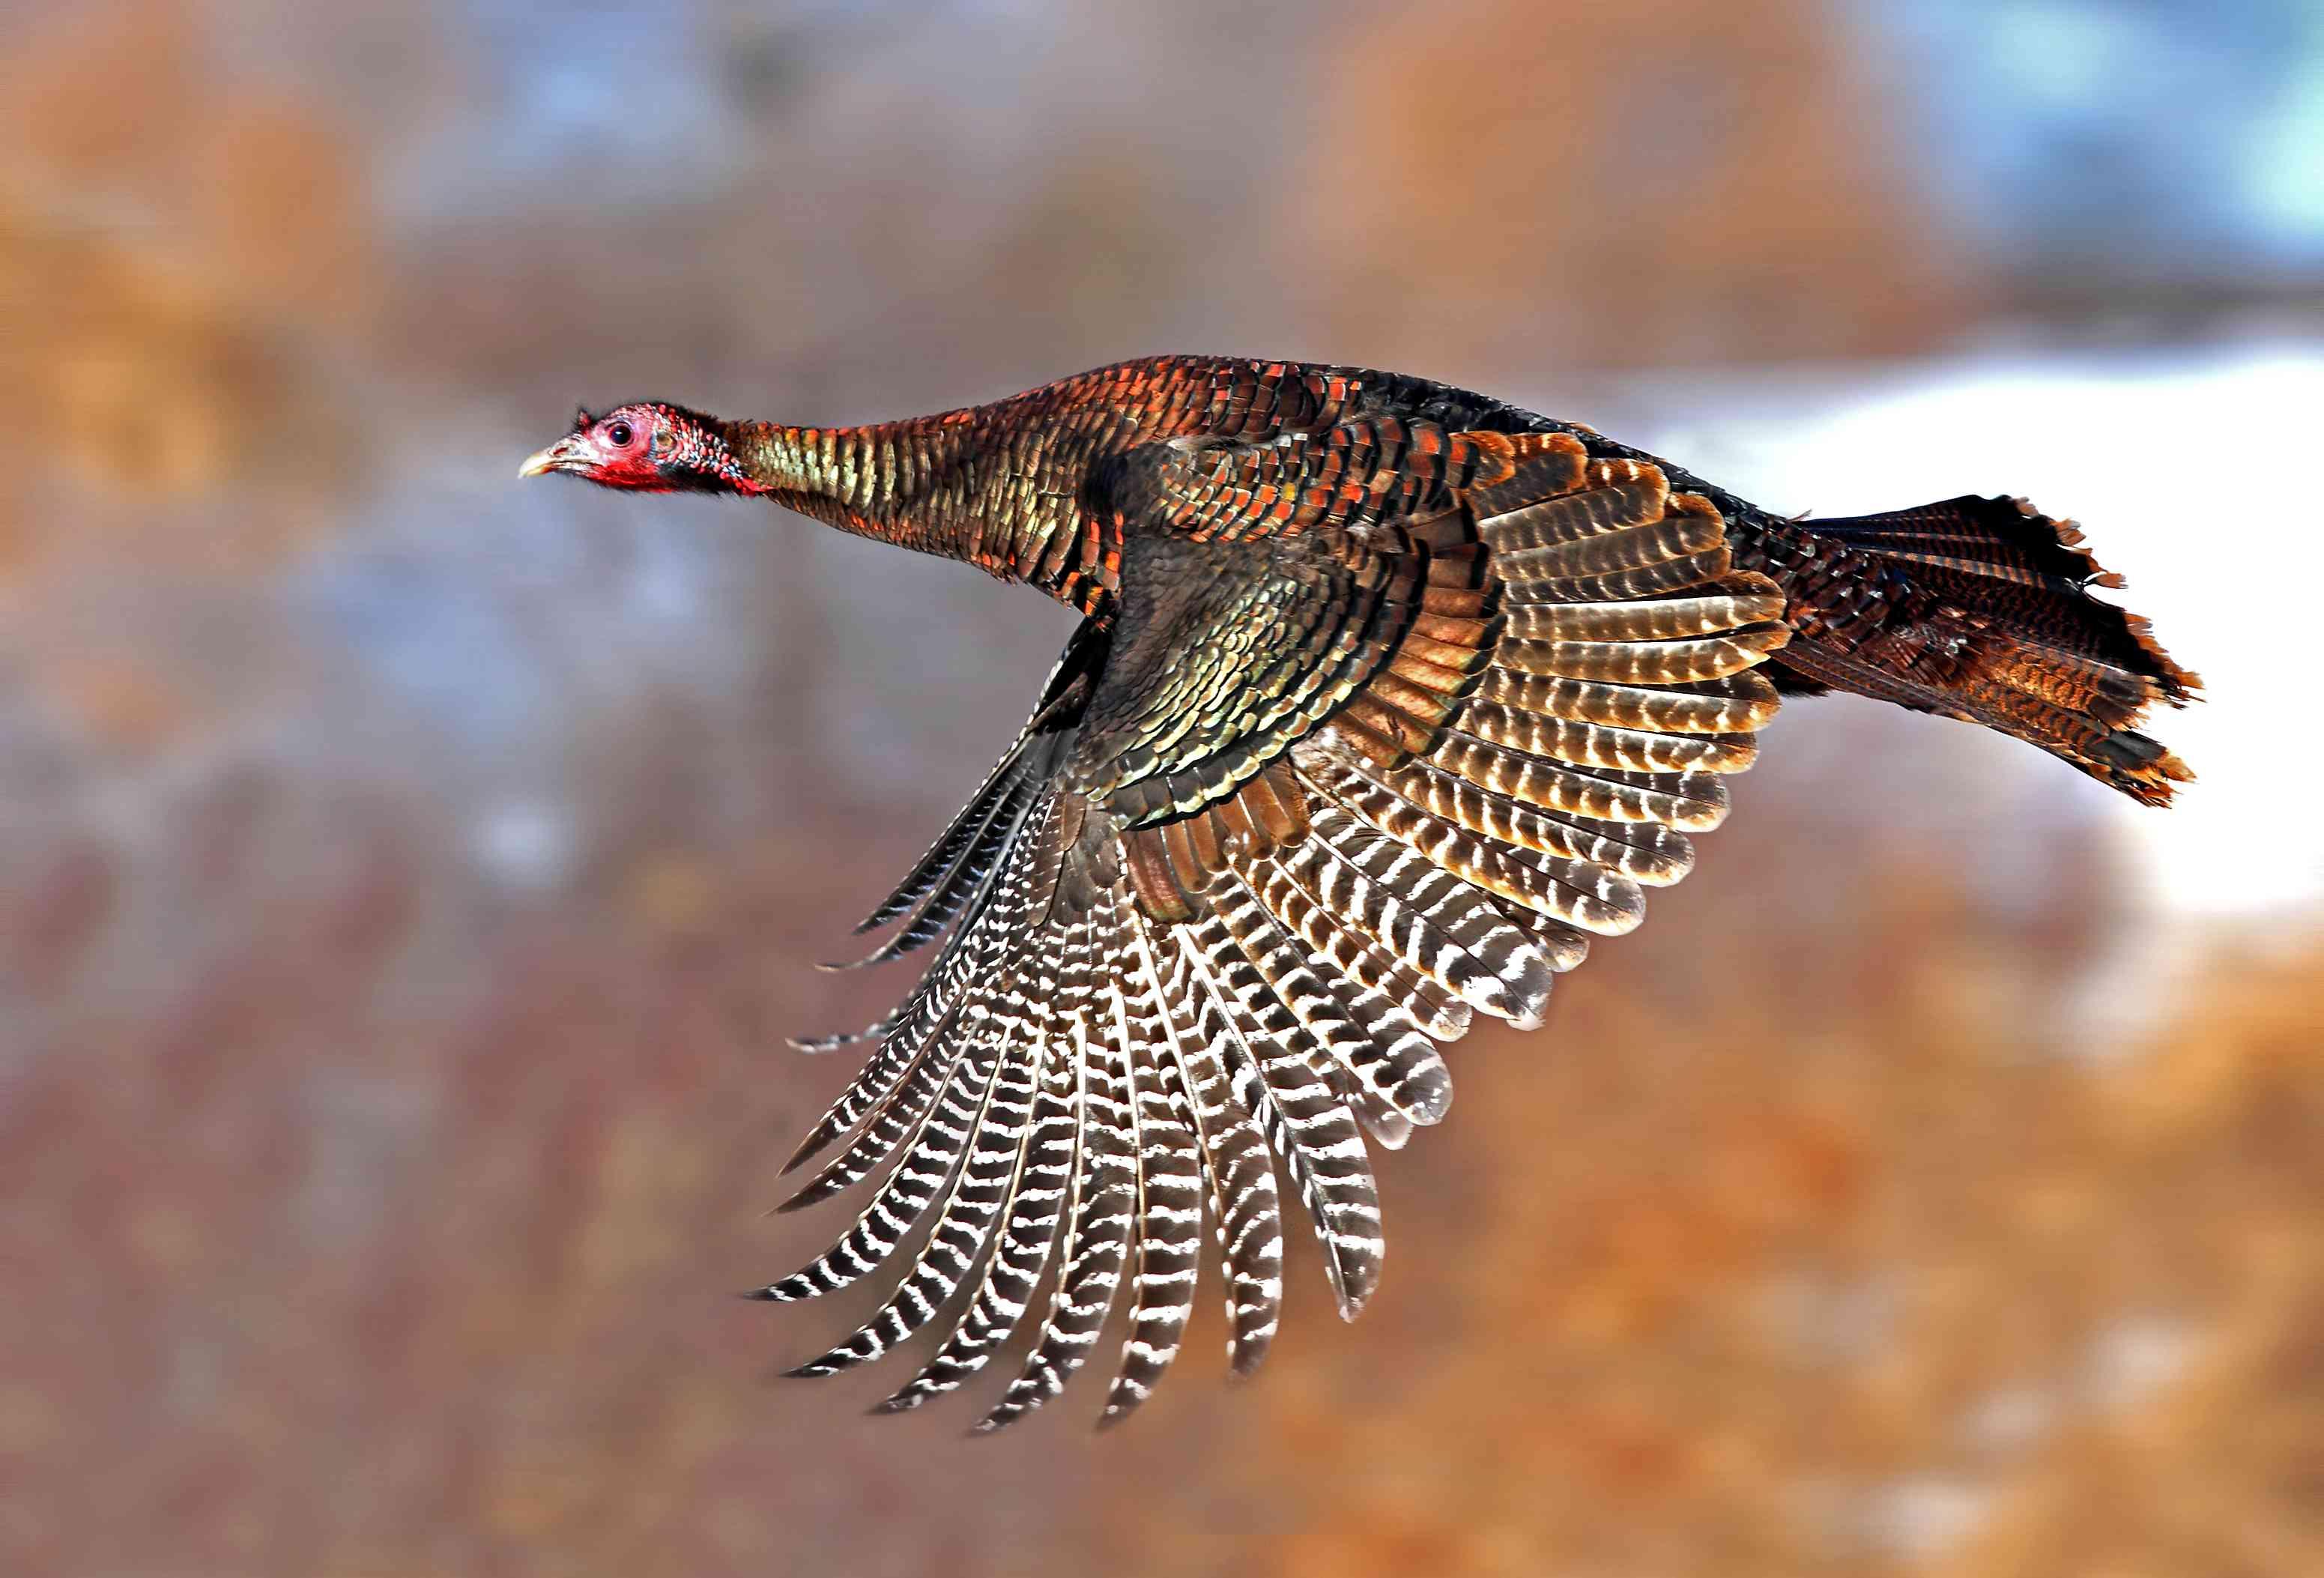 A wild turkey flies through the air